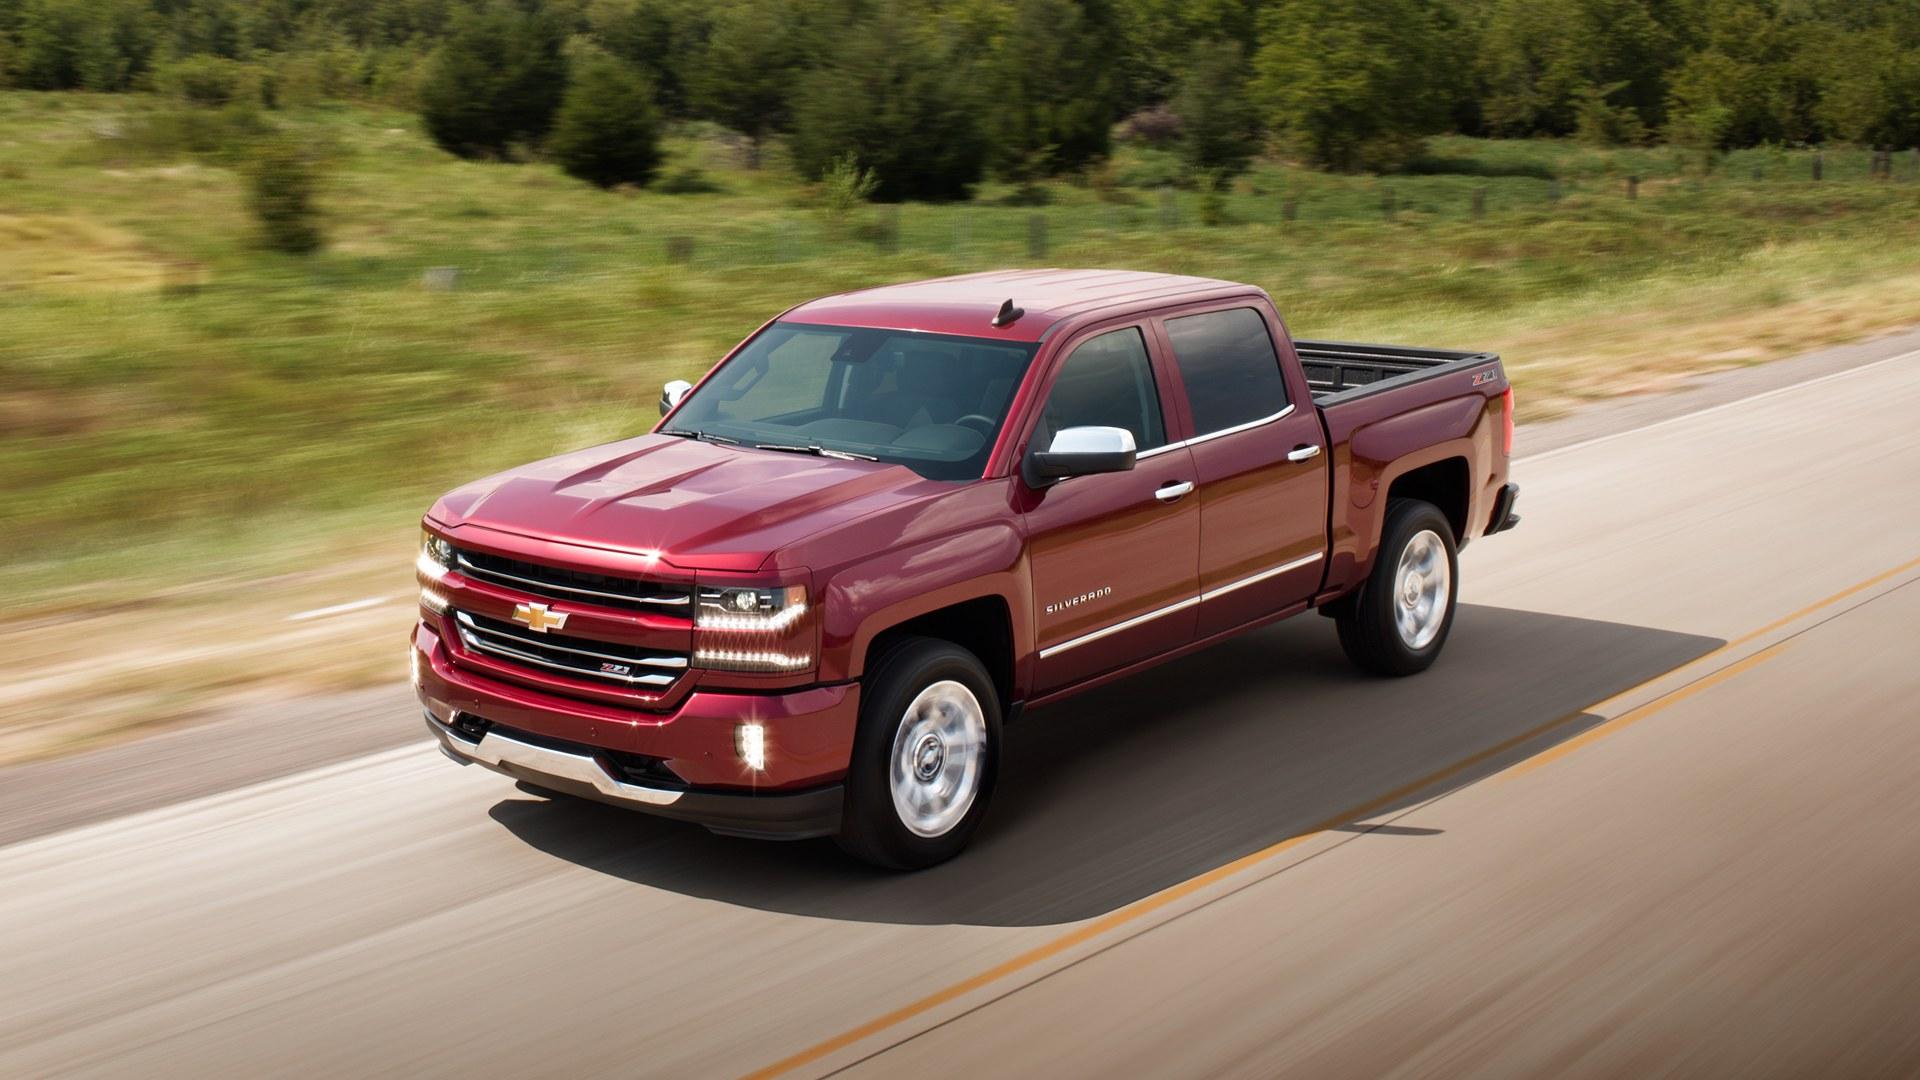 2018 Chevrolet Silverado 1500 for Sale in Oklahoma City OK